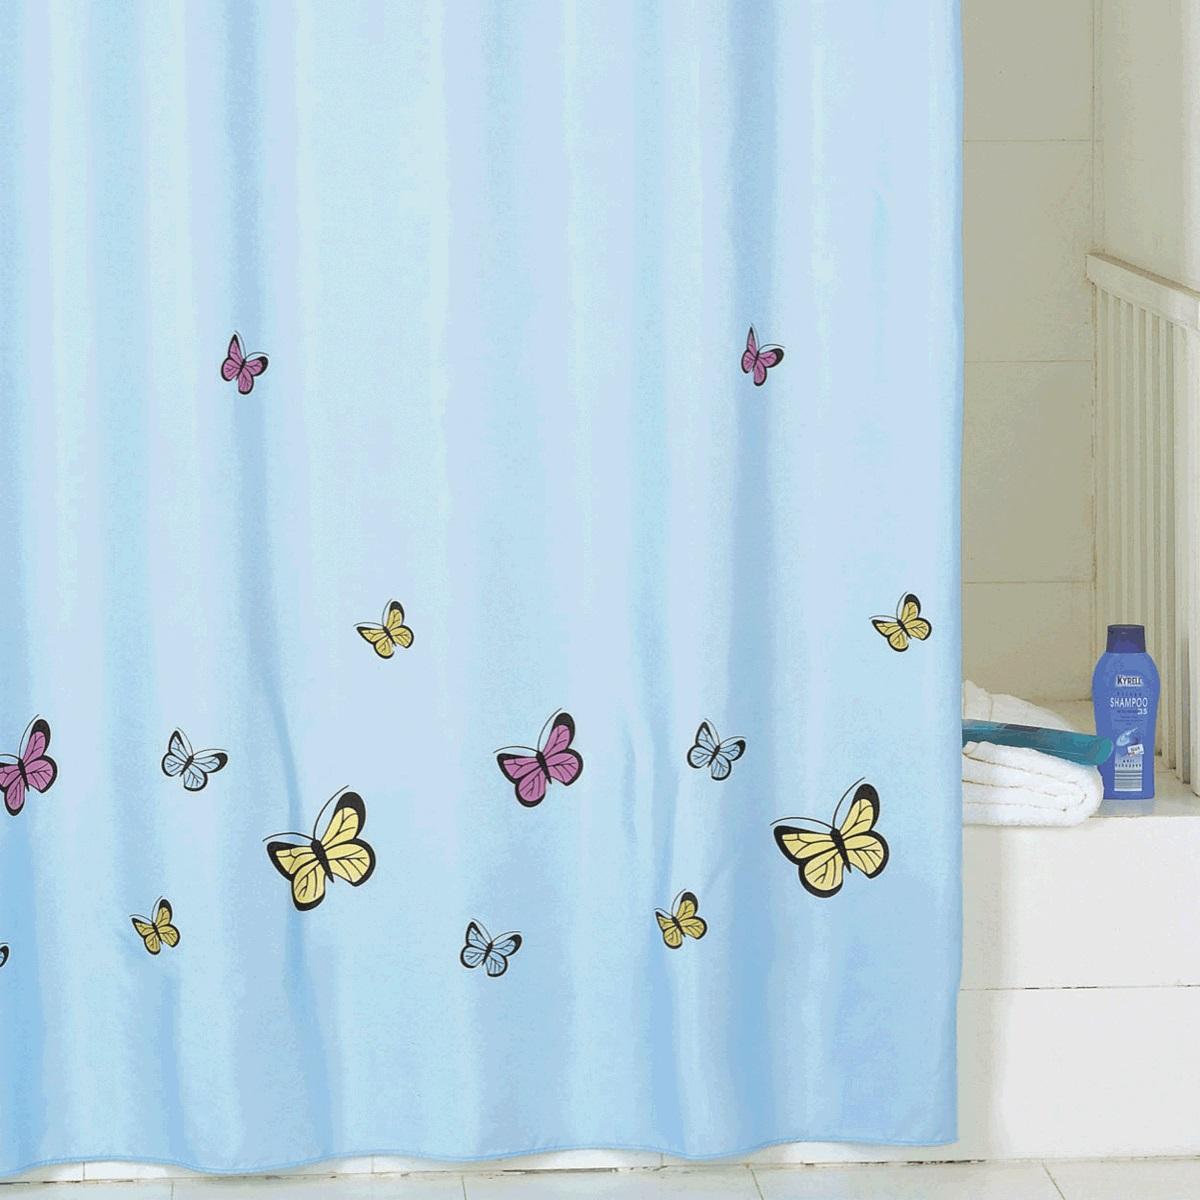 Штора для ванной Iddis Blue Butterfly, цвет: голубой, 200 x 200 смSCID031PШтора для ванной комнаты Iddis выполнена из быстросохнущего материала - 100% полиэстера, что обеспечивает прочность изделия и легкость ухода за ним.Материал шторы пропитан специальным водоотталкивающим составом Waterprof.Изделие изготовлено из экологически-чистого материала, оно обладает высокой степенью гигиеничности, не вызывает аллергических реакций.Штора имеет 12 металлических люверсов. В комплекте: штора и кольца.